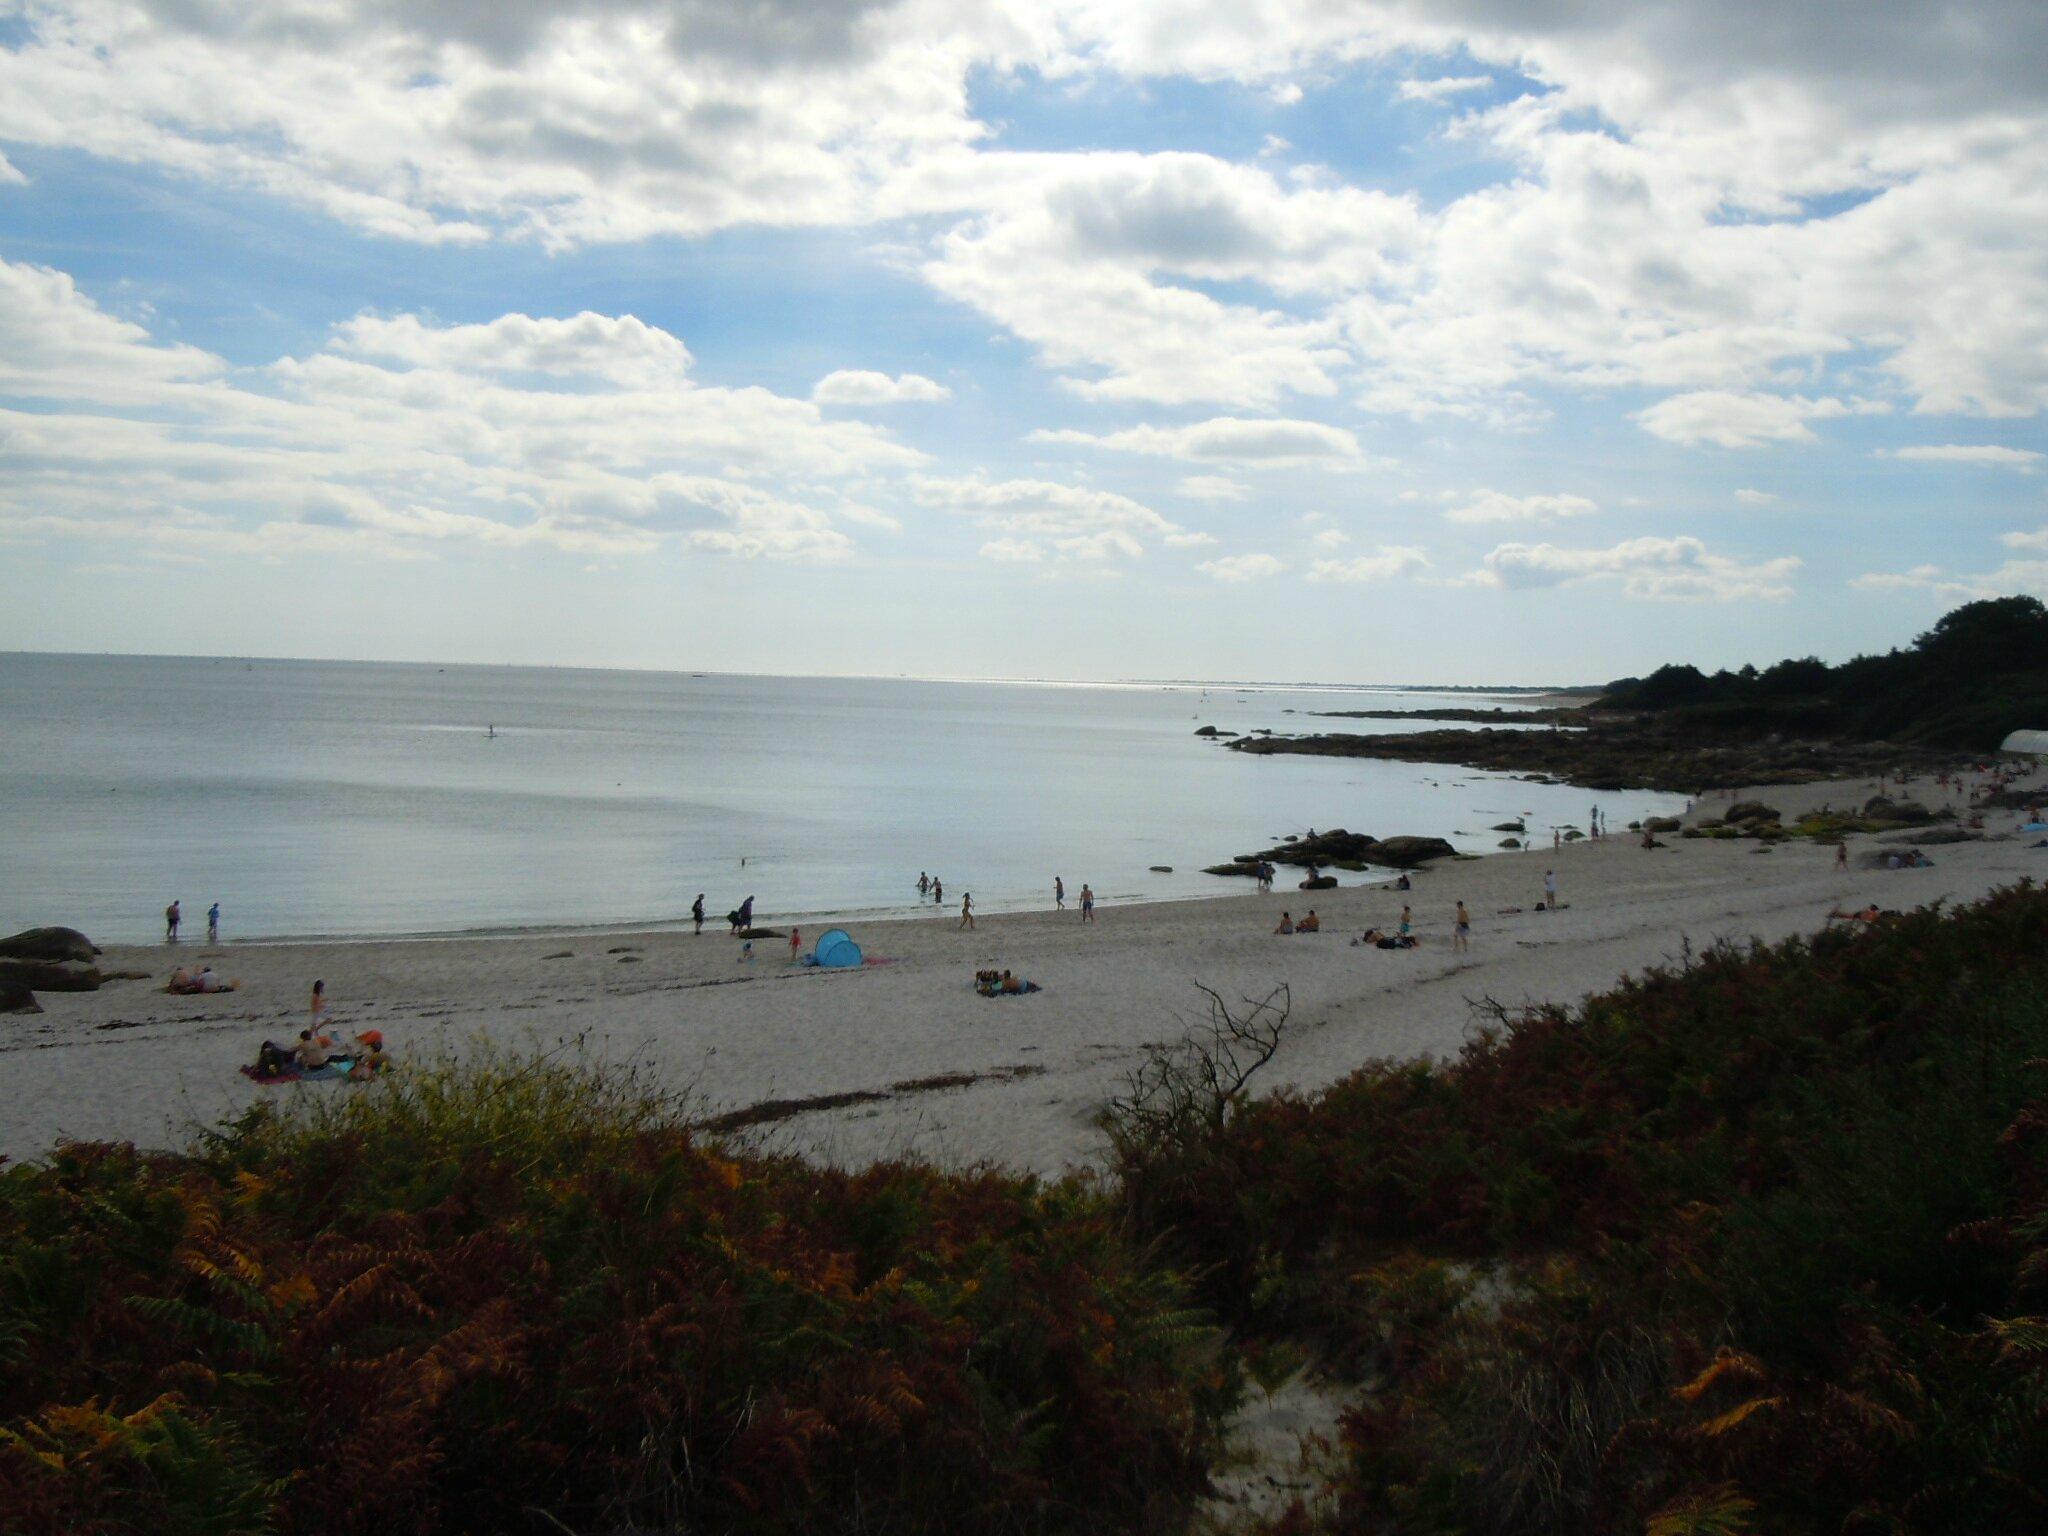 2016-08-10, BRETAGNE (Finistère)